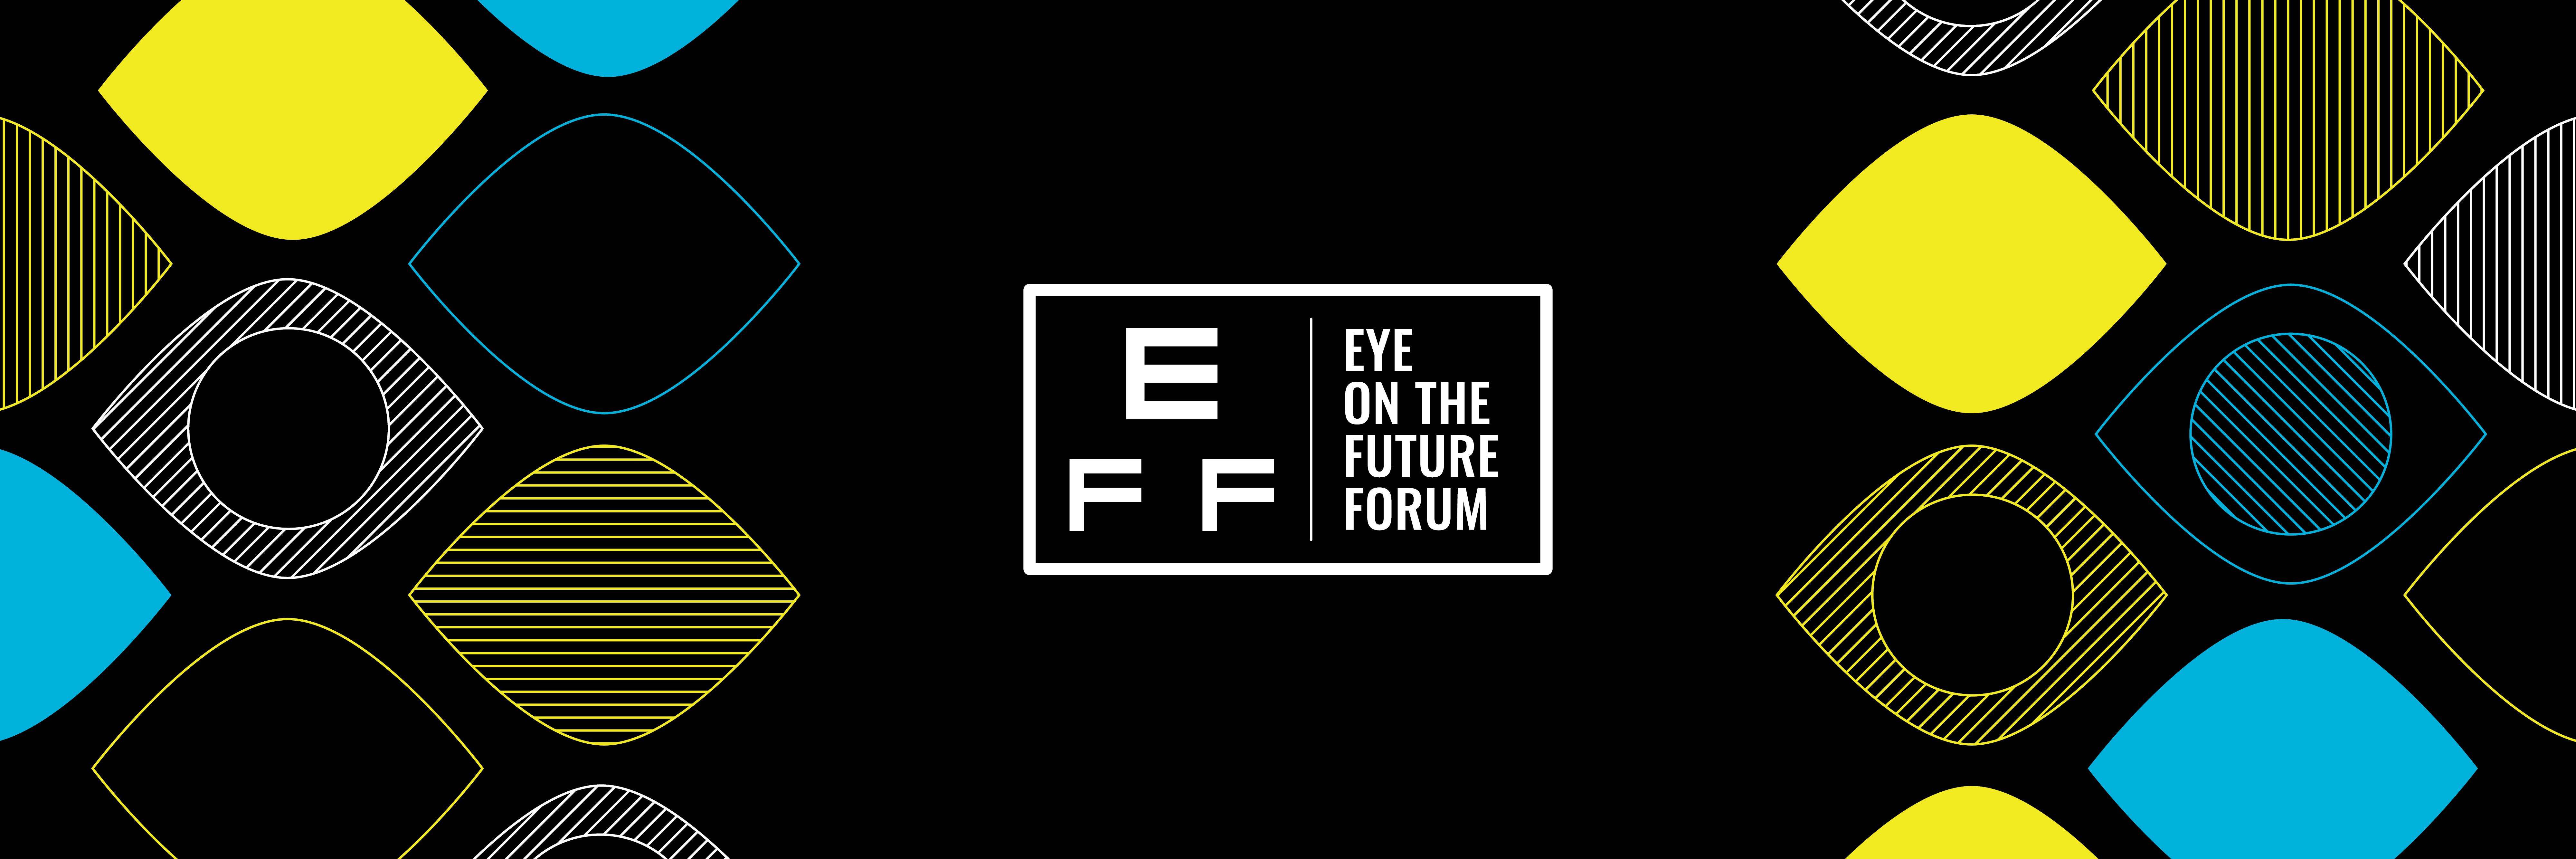 Eye on the Future Forum logo